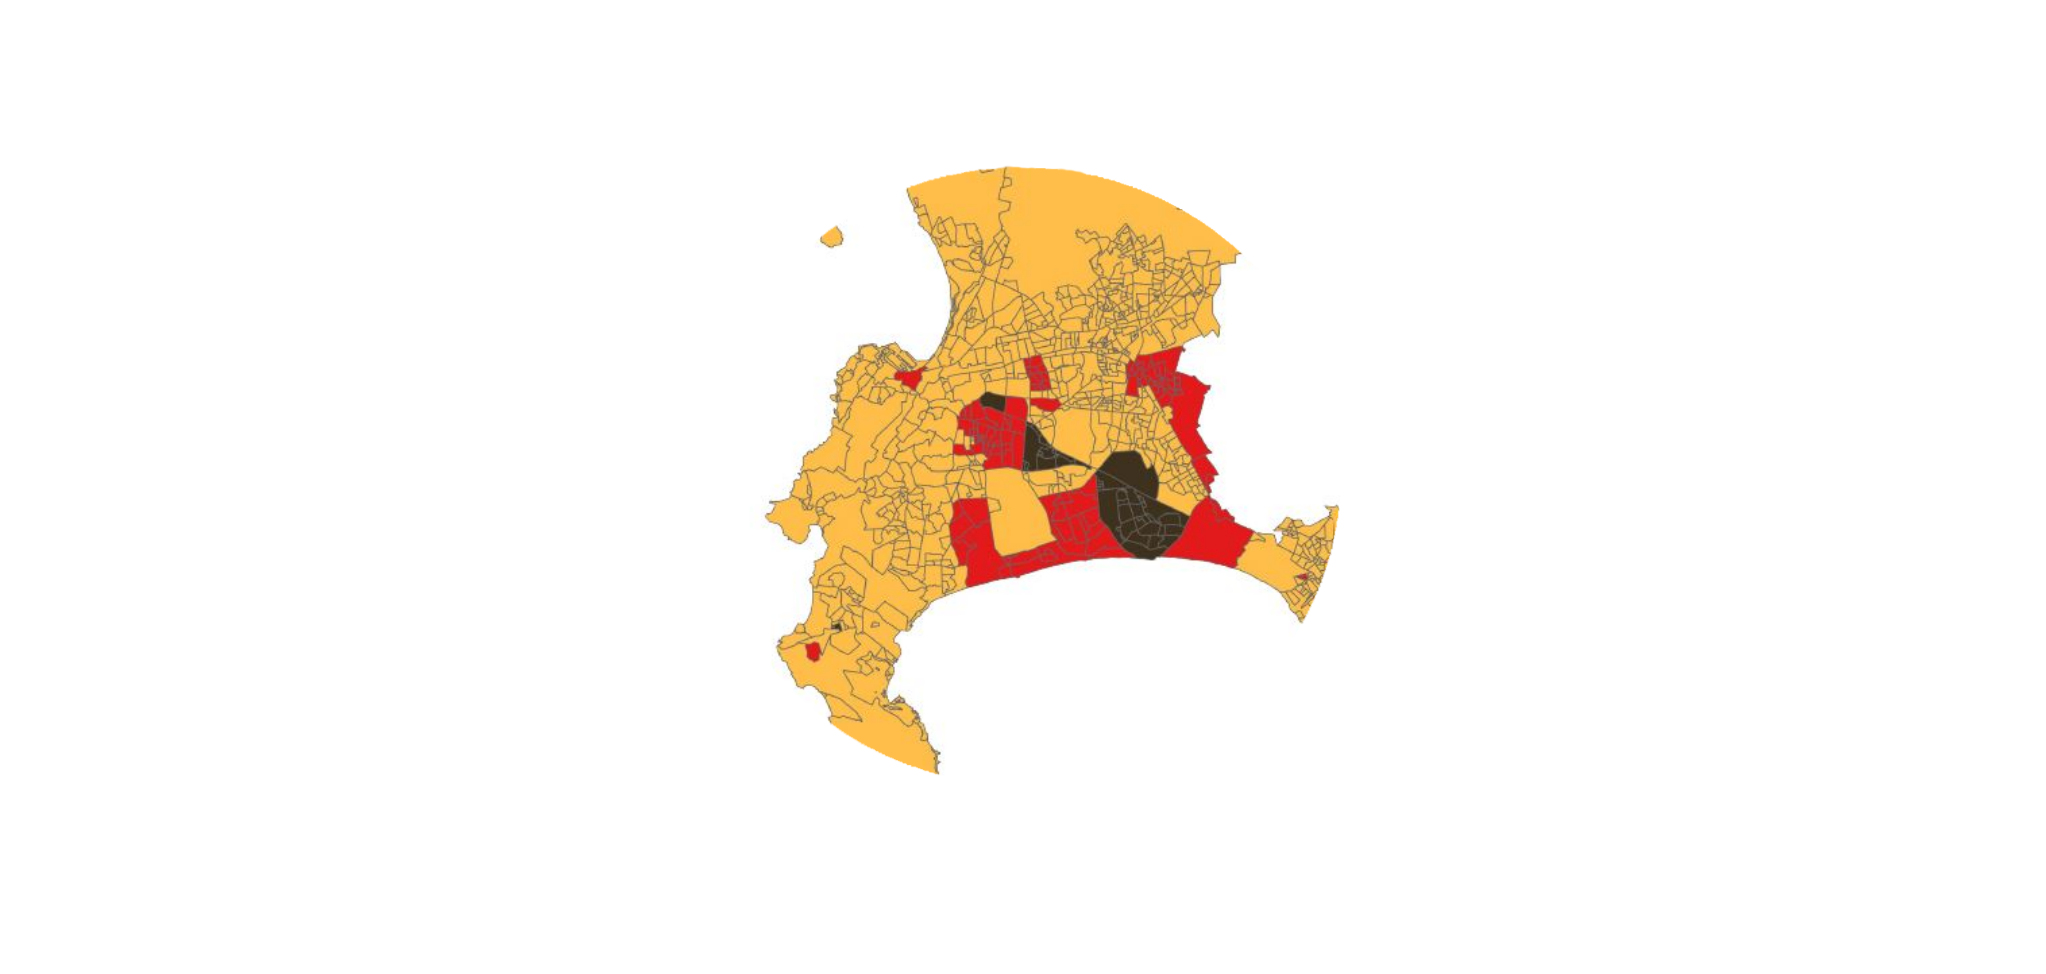 Analyse de données et cartographie – Devoir sur table. Étude de la ségrégation urbaine au Cap (Afrique du Sud)